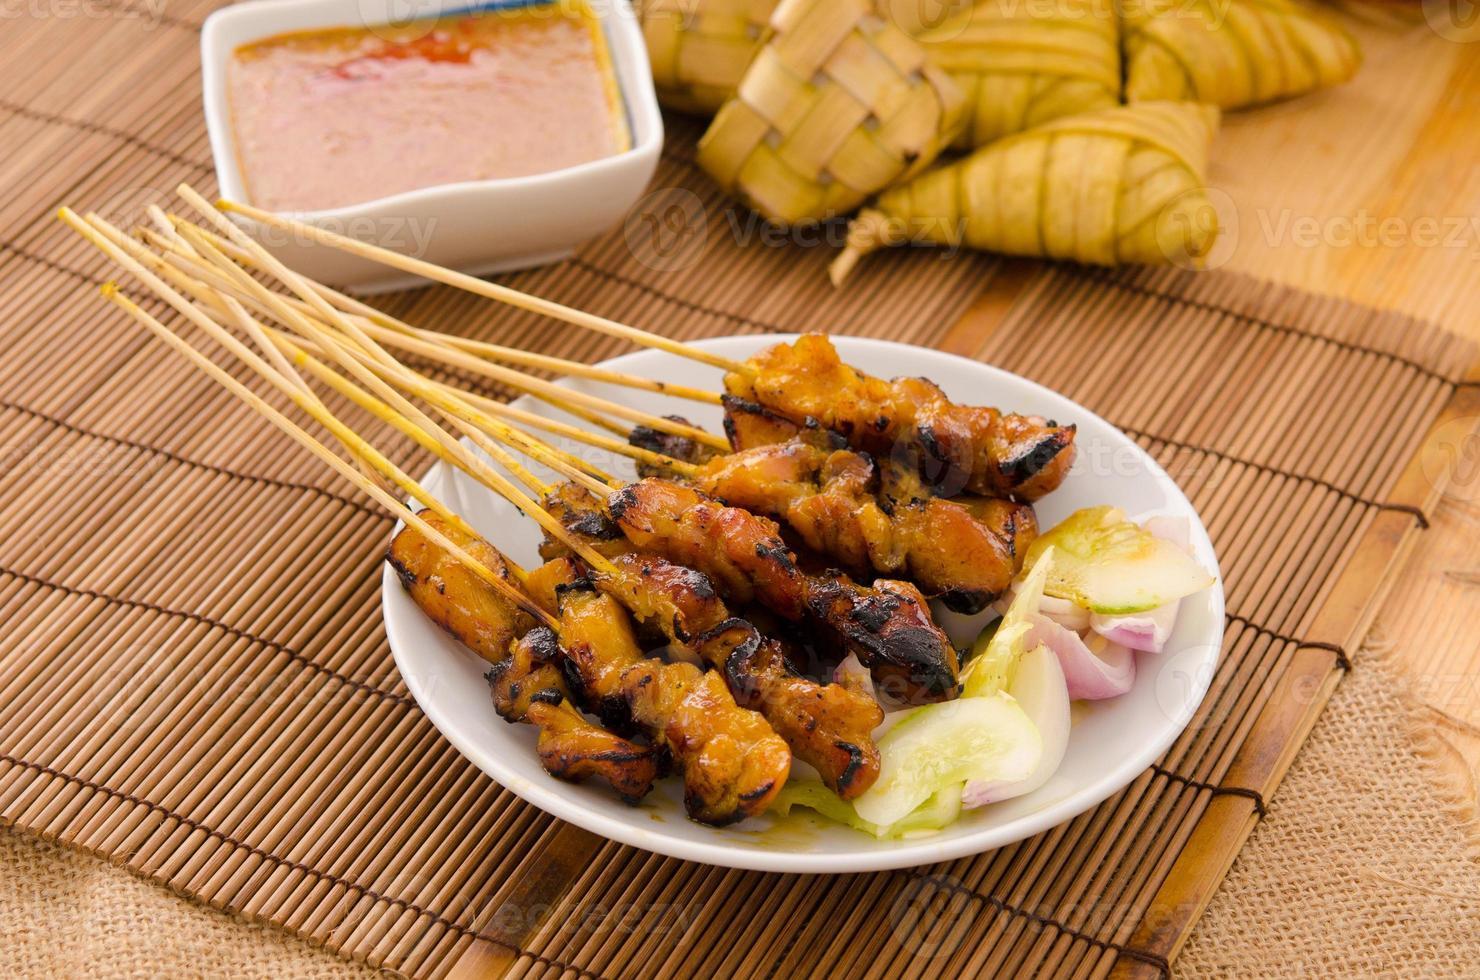 Satay, traditionelle geröstete Kebab-Fleischspieße foto